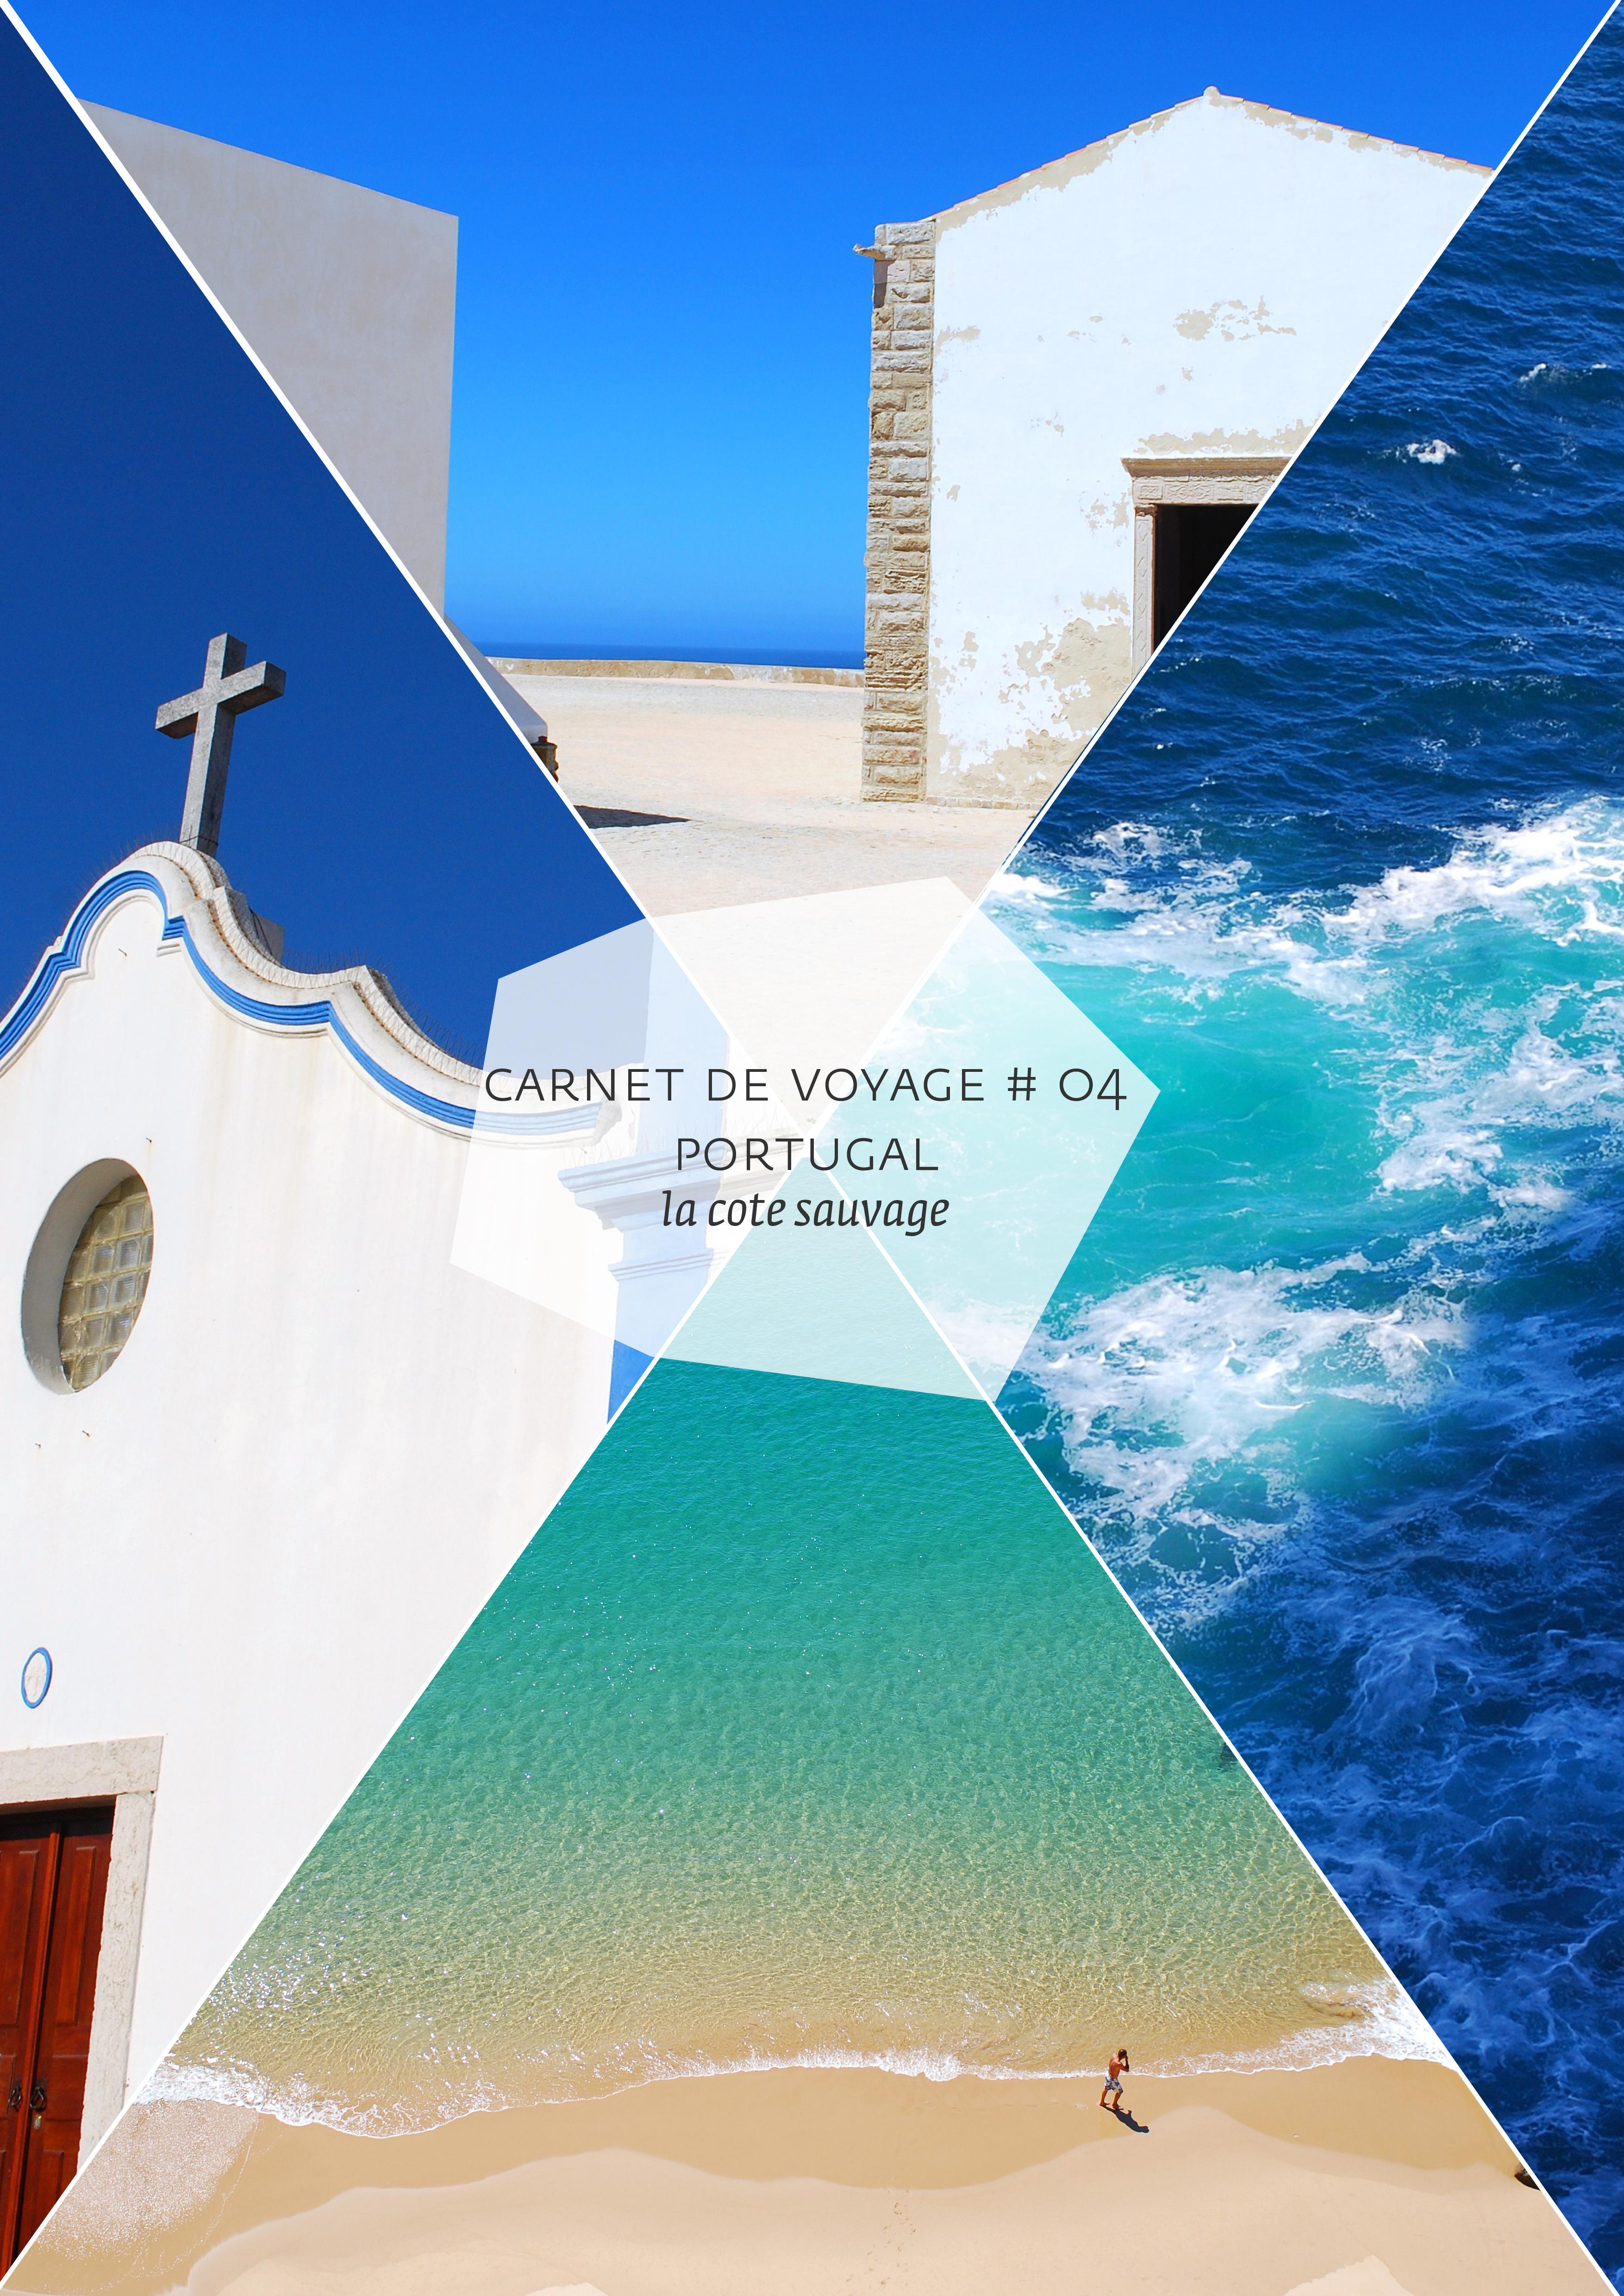 voyage-cote-sauvage-alentejo-portugal-by-le-polyedre_visuel copie